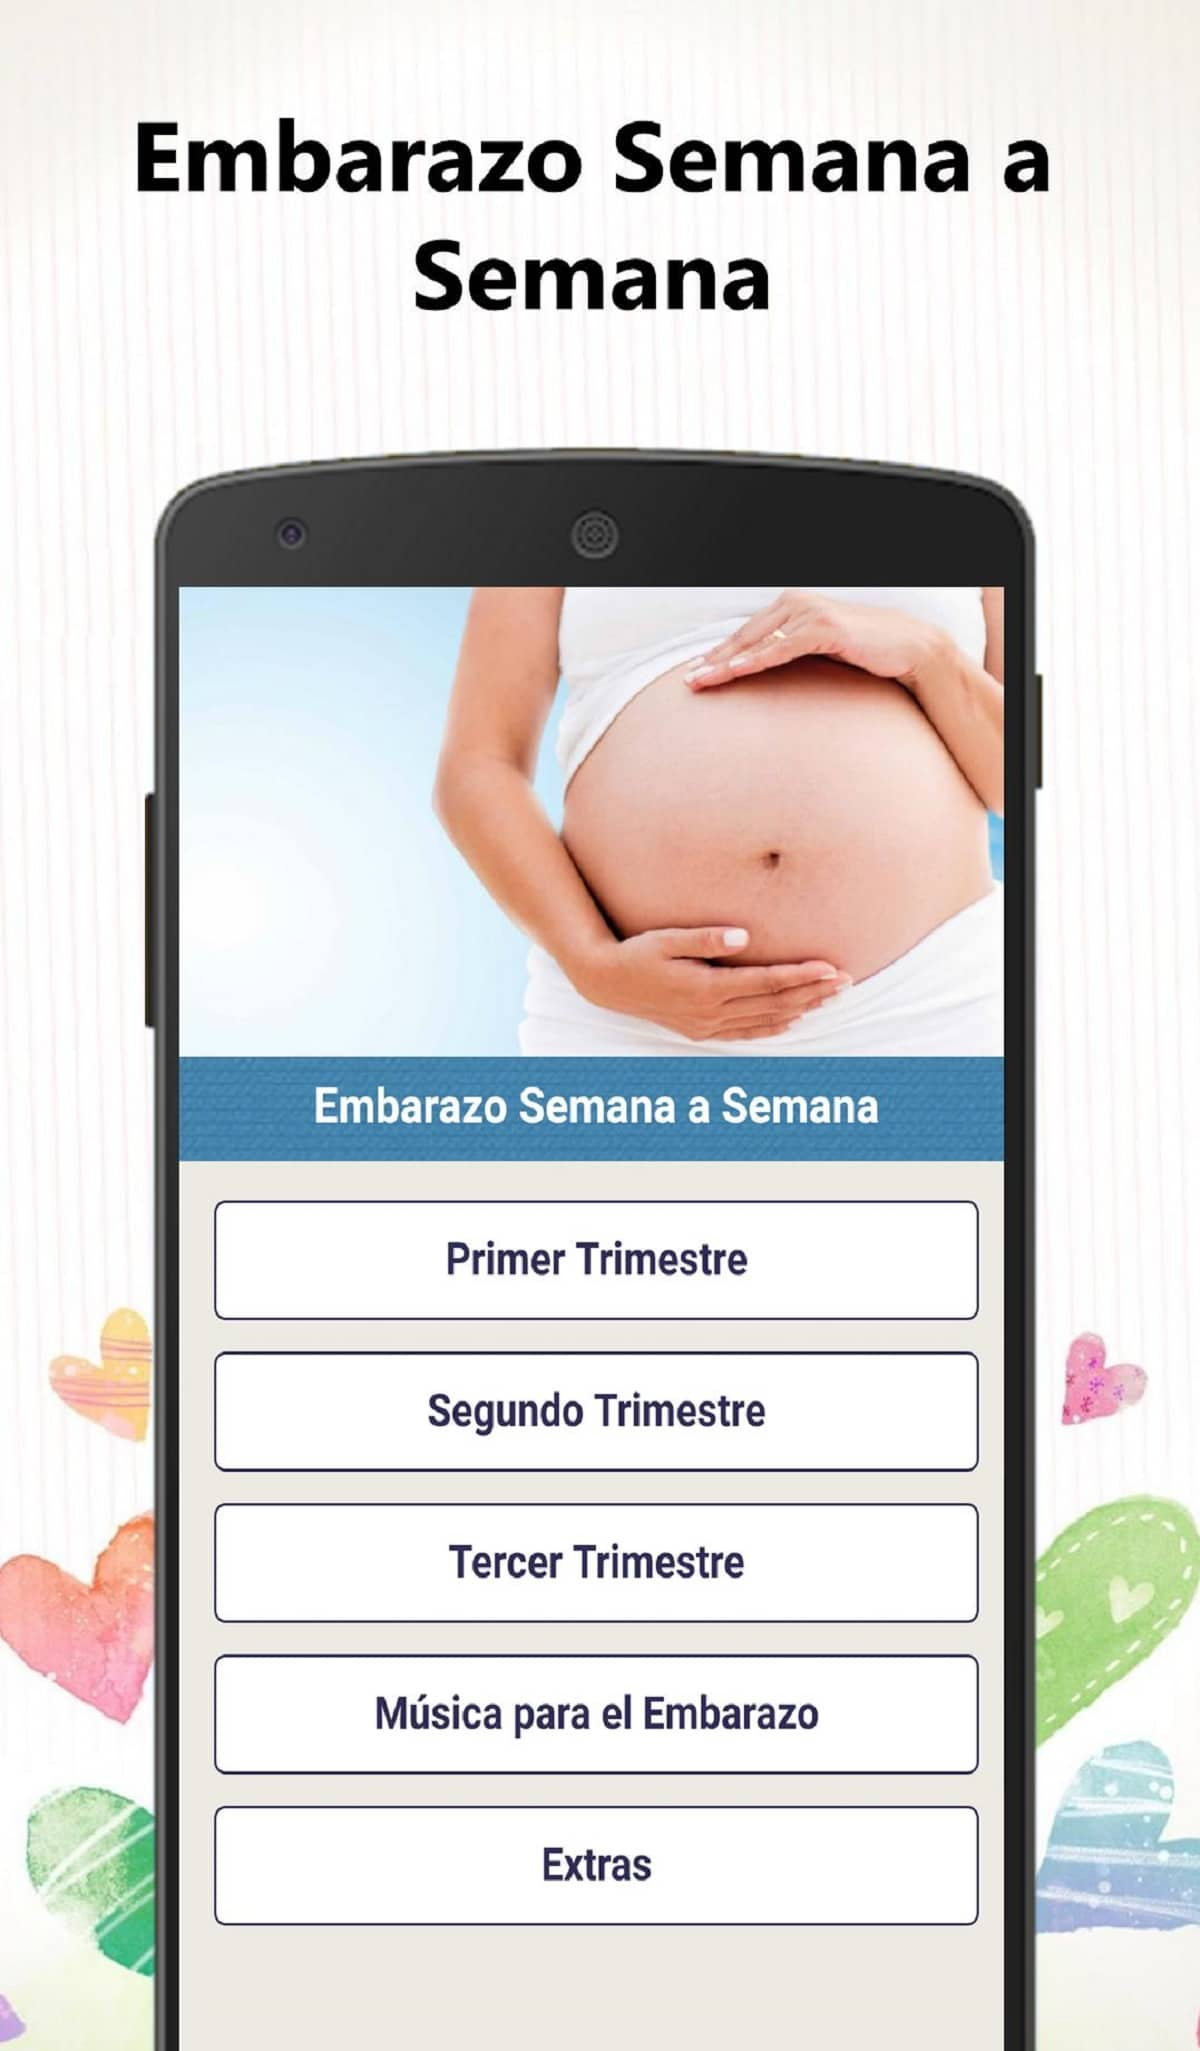 Mi embarazo semana a semana android